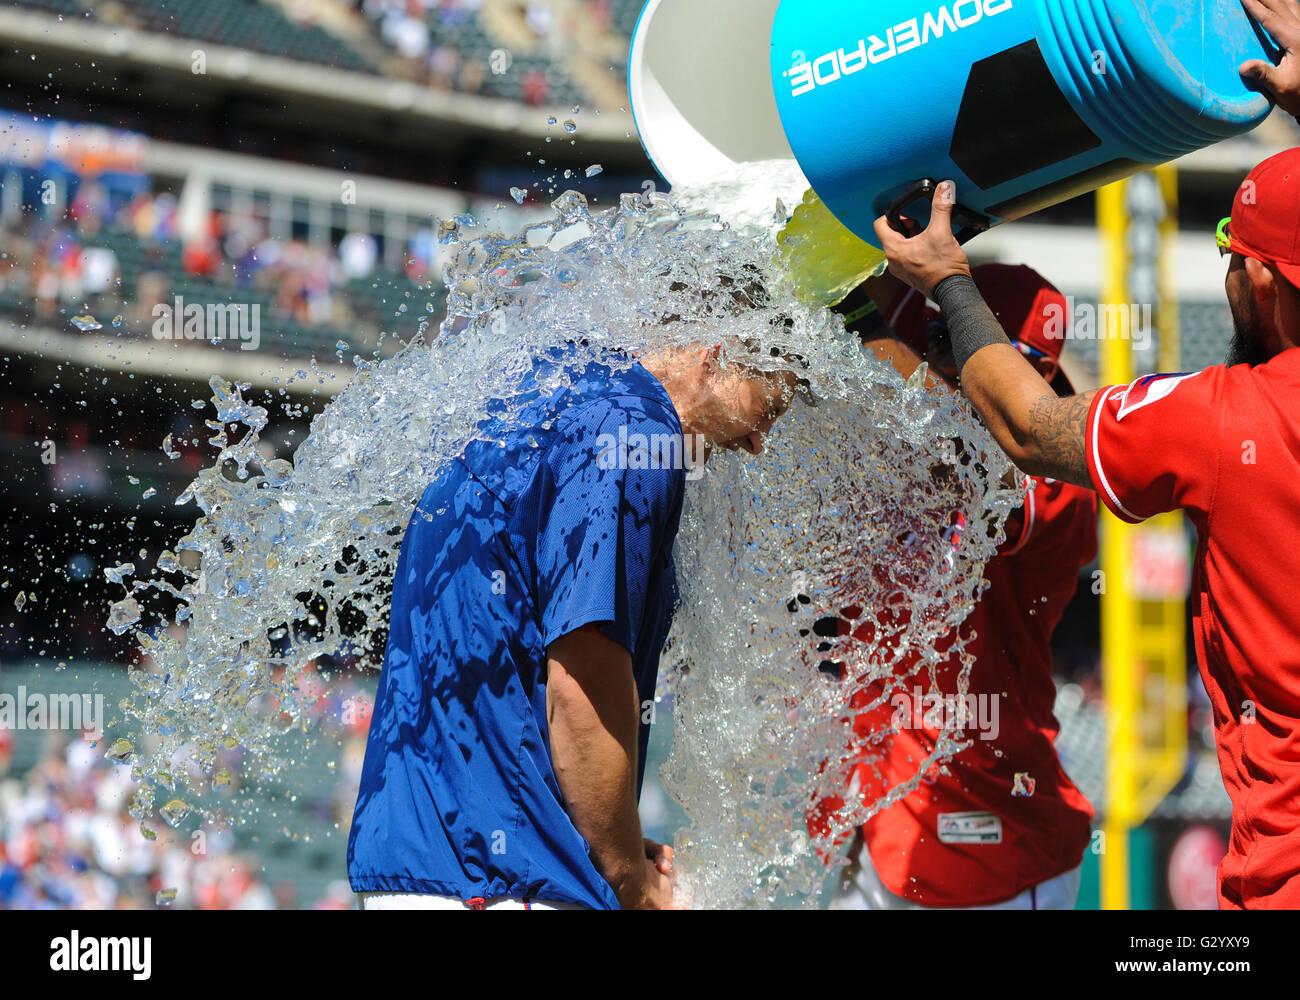 Arlington, Texas, EE.UU. El 05 de junio, 2016. Texas Rangers el abridor Derek Holland #45 es regado con agua y Powerade Imagen De Stock